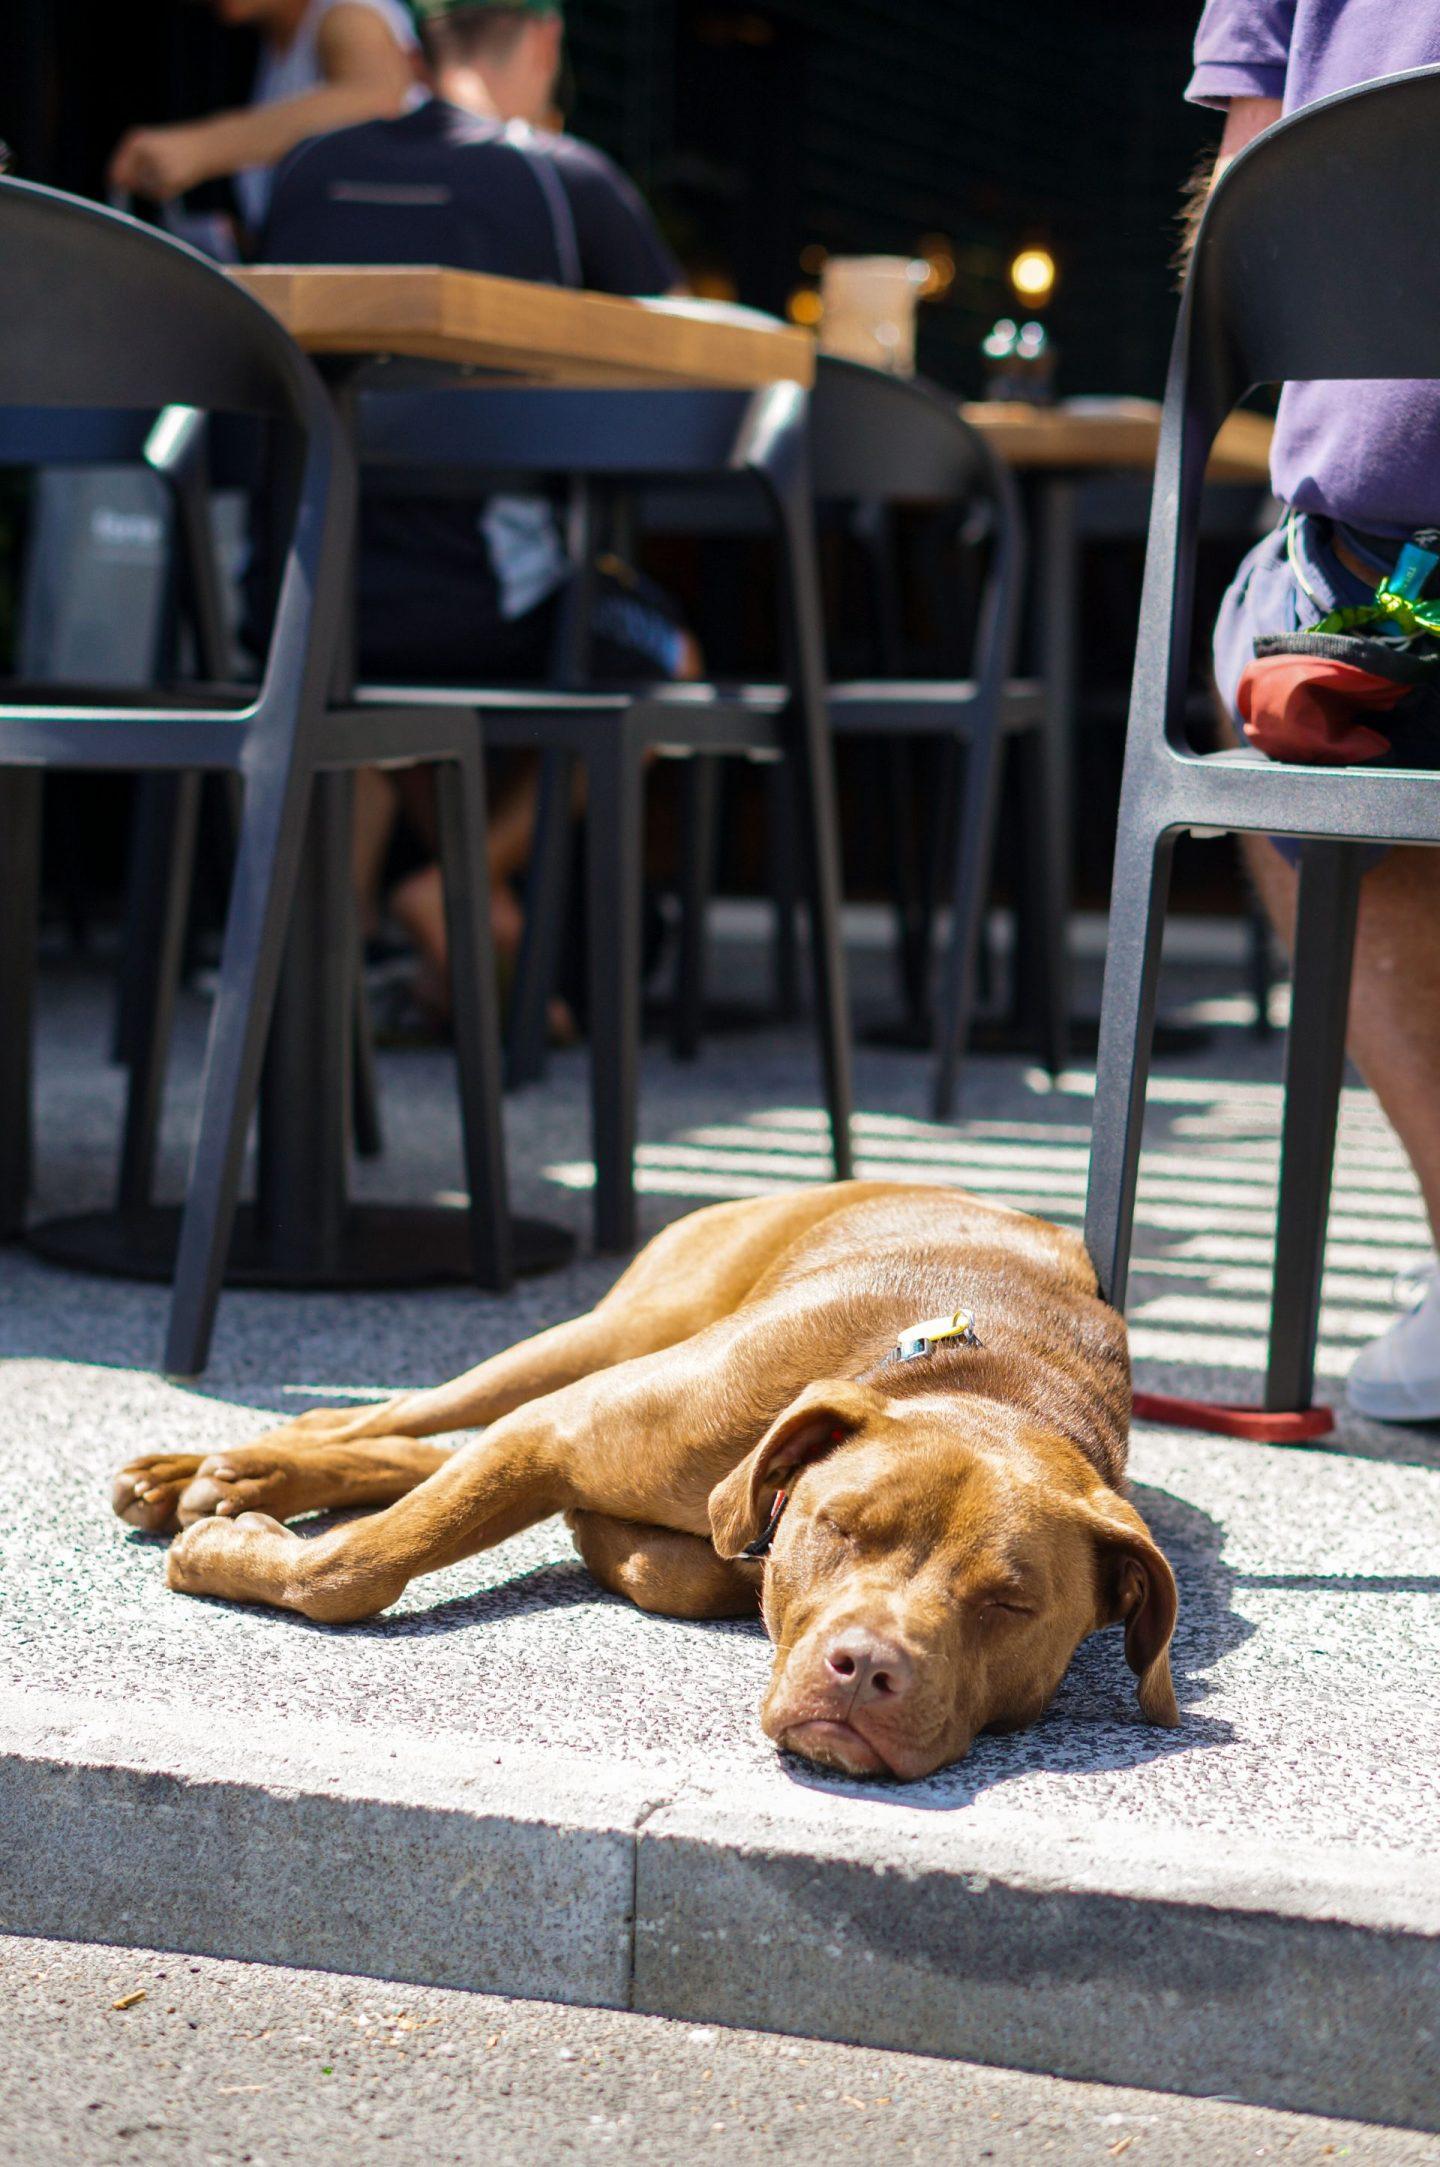 dog sleeping on ground at cafe